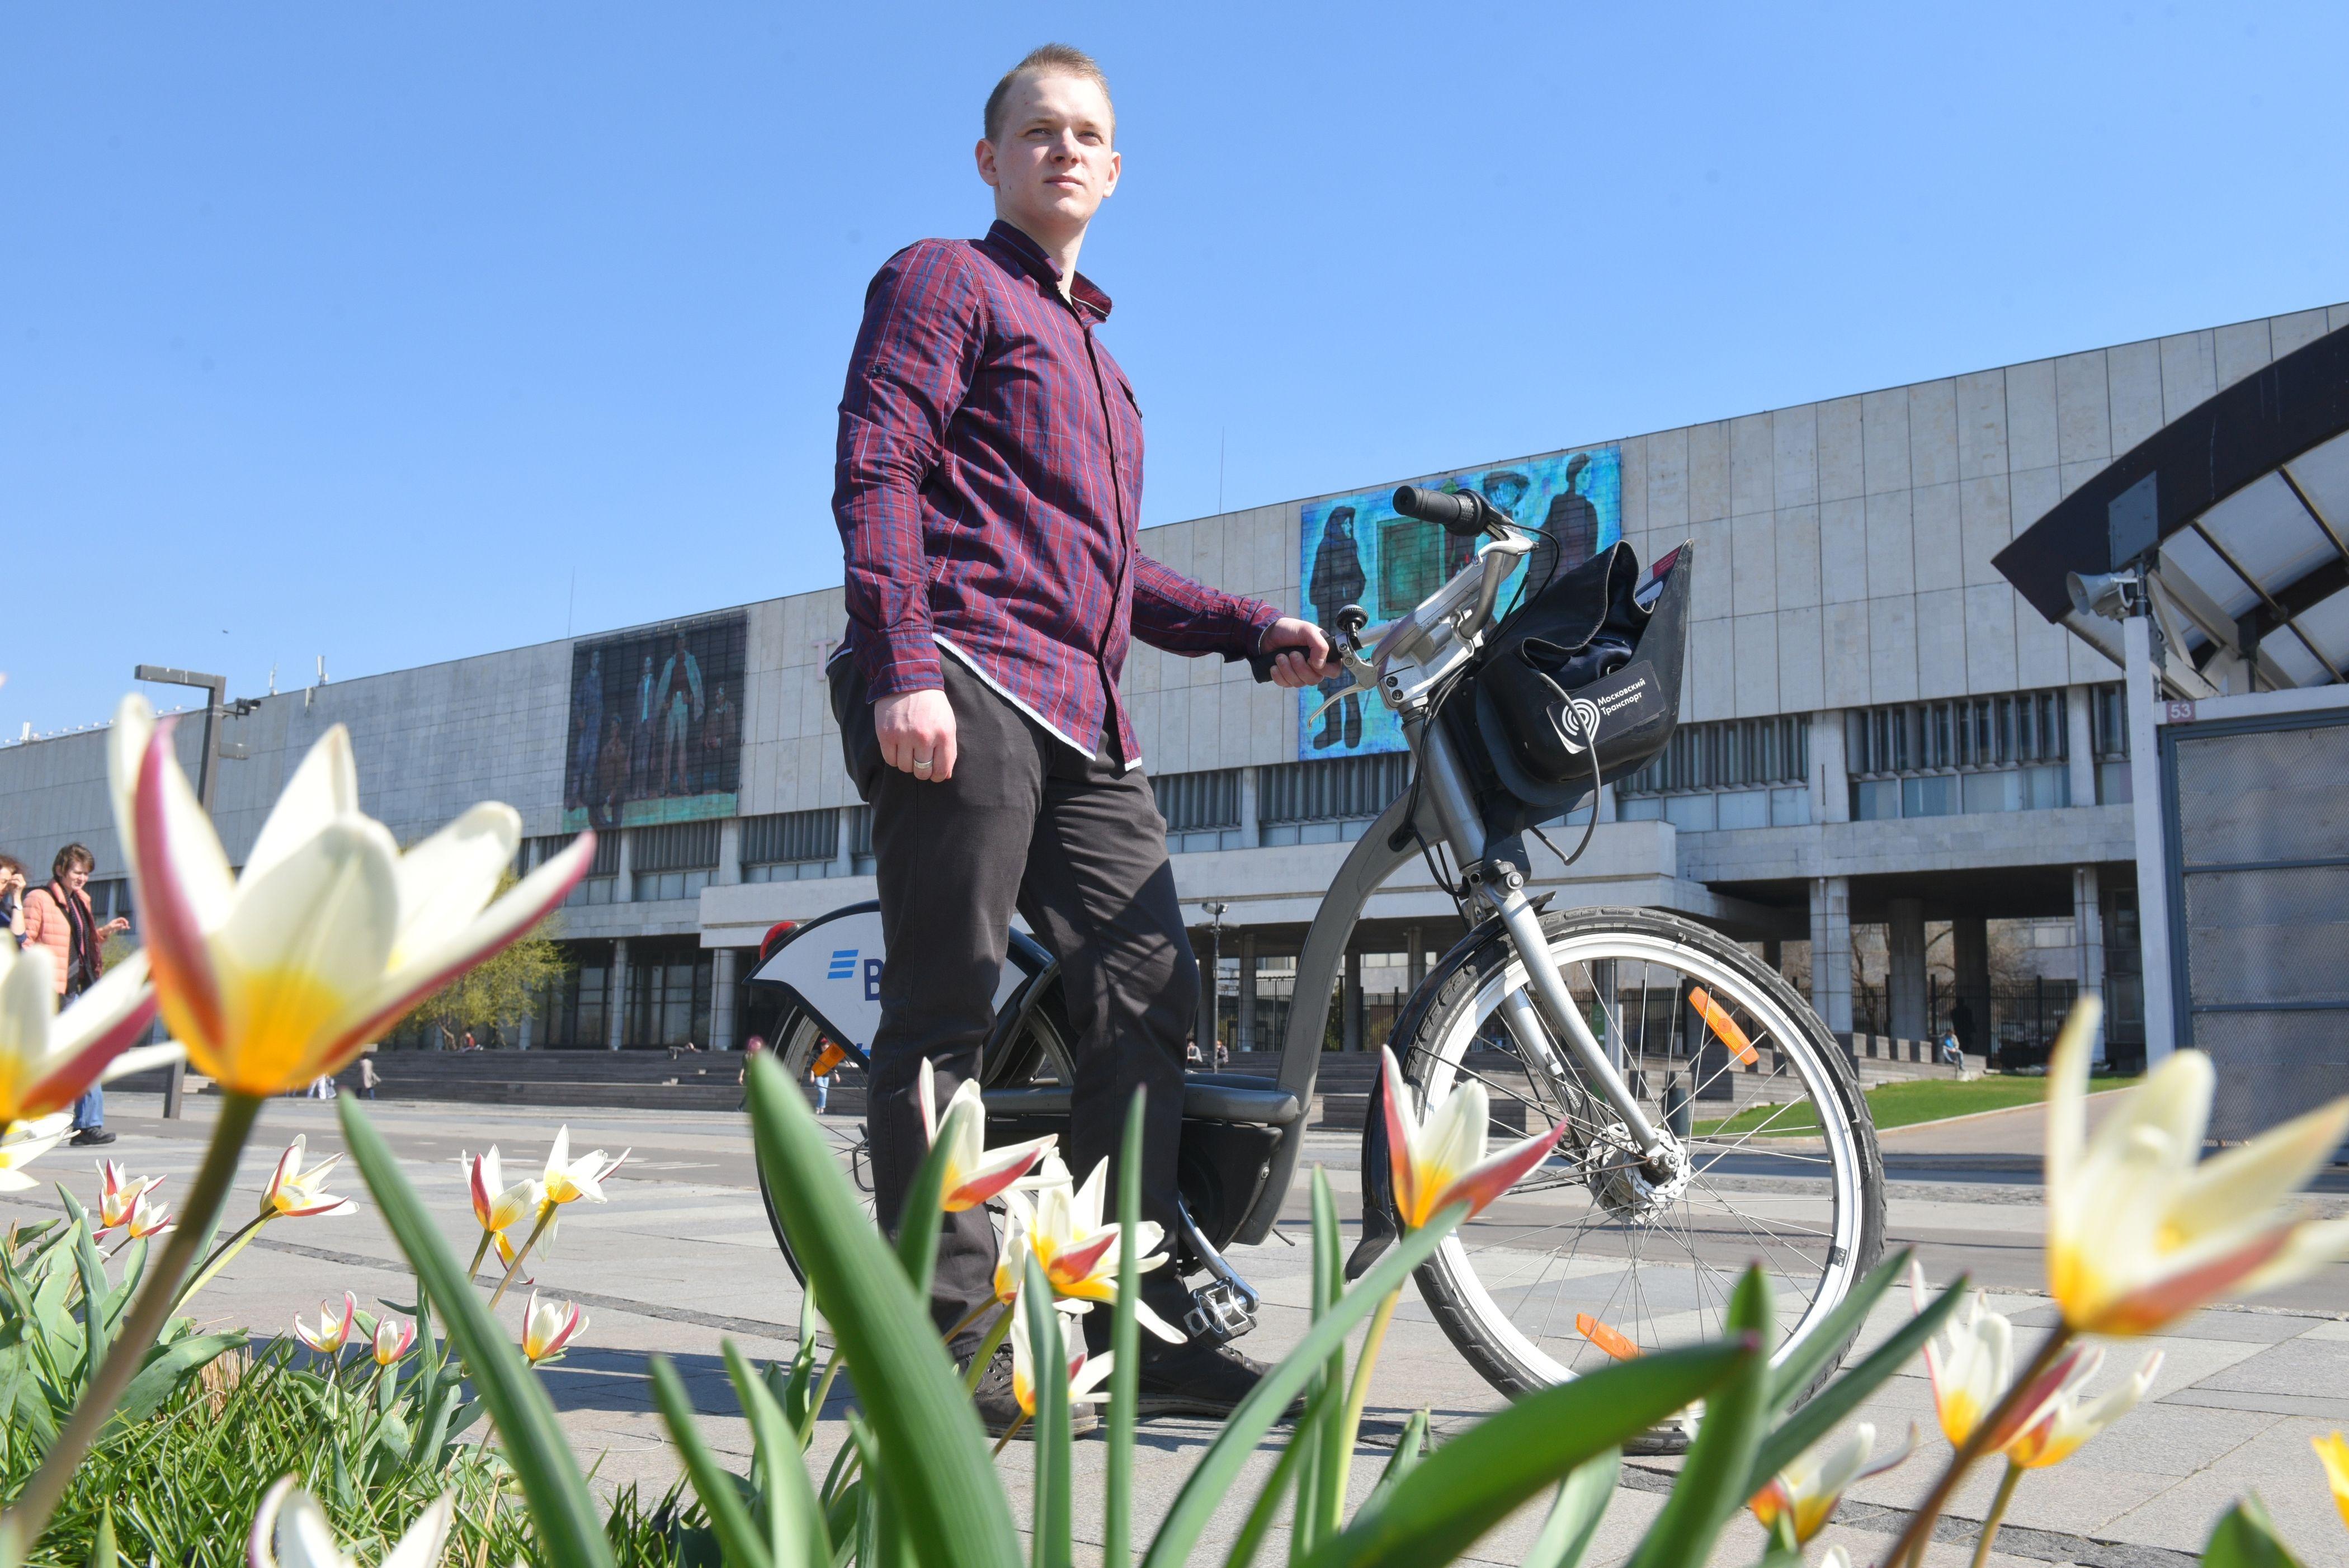 Москва предоставит почти шесть тысяч велосипедов напрокат в 2020 году